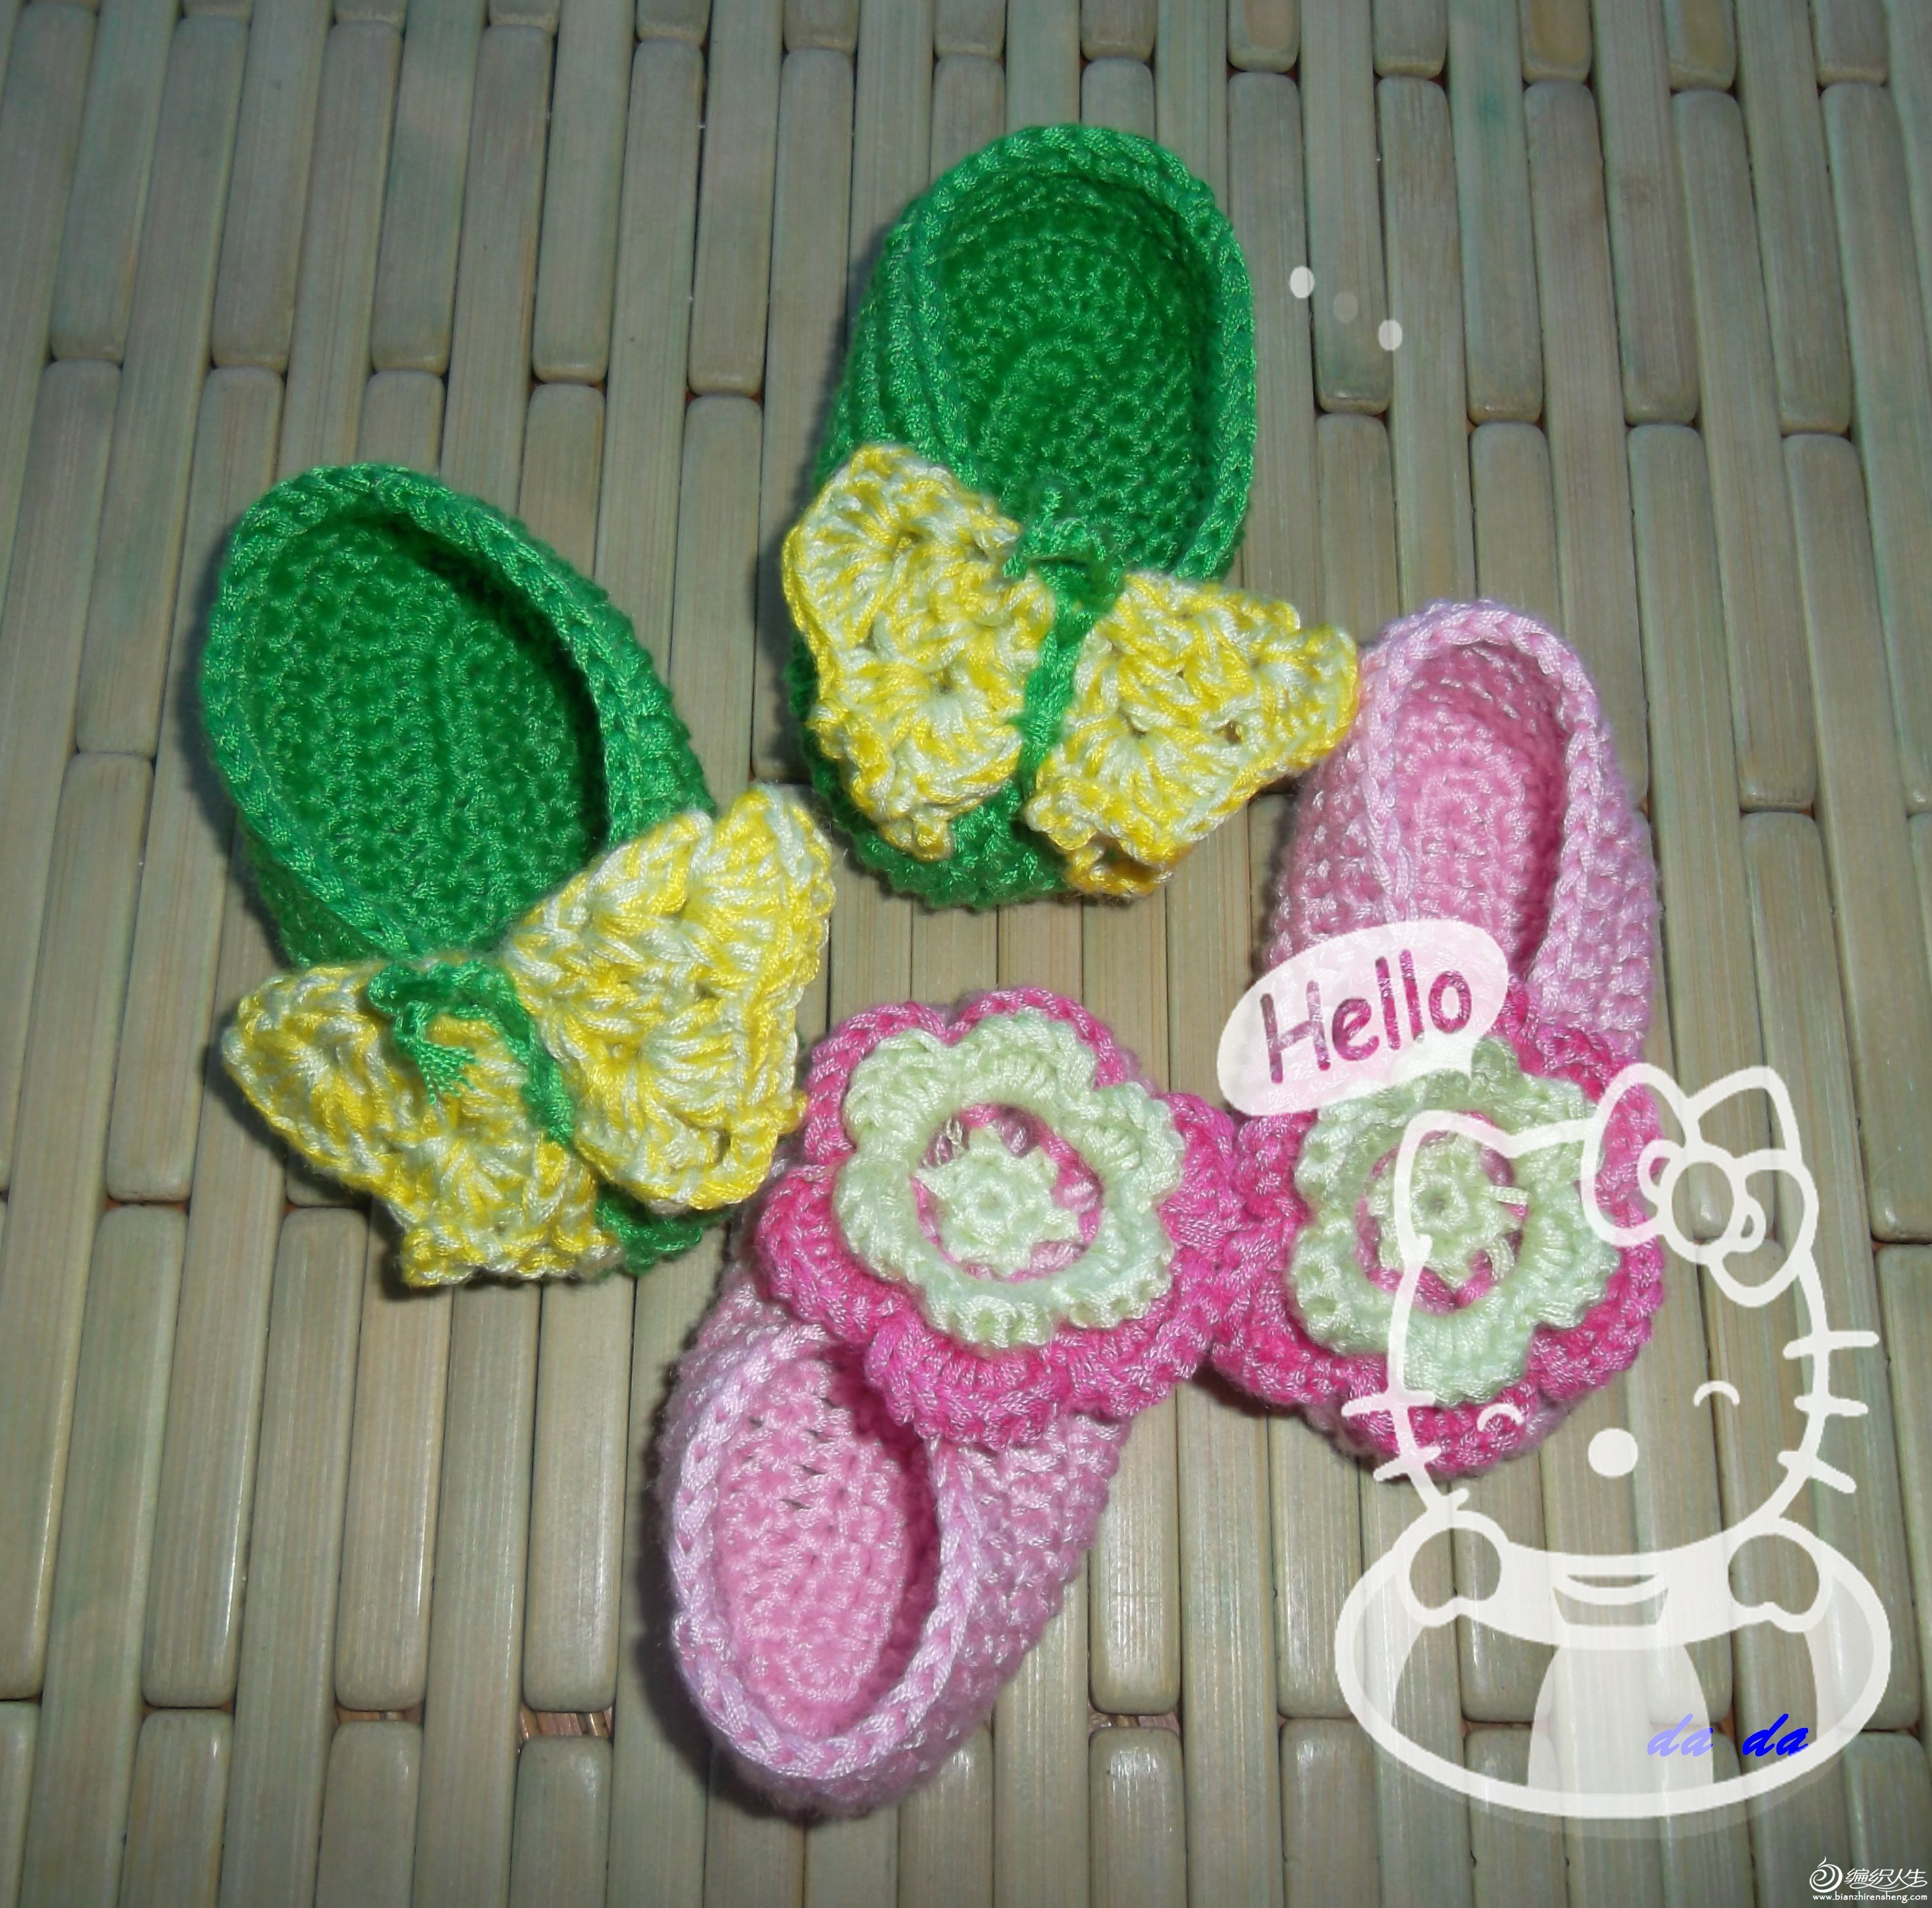 花和蝴蝶是美丽的象征,祝他们的宝宝也越来越美丽